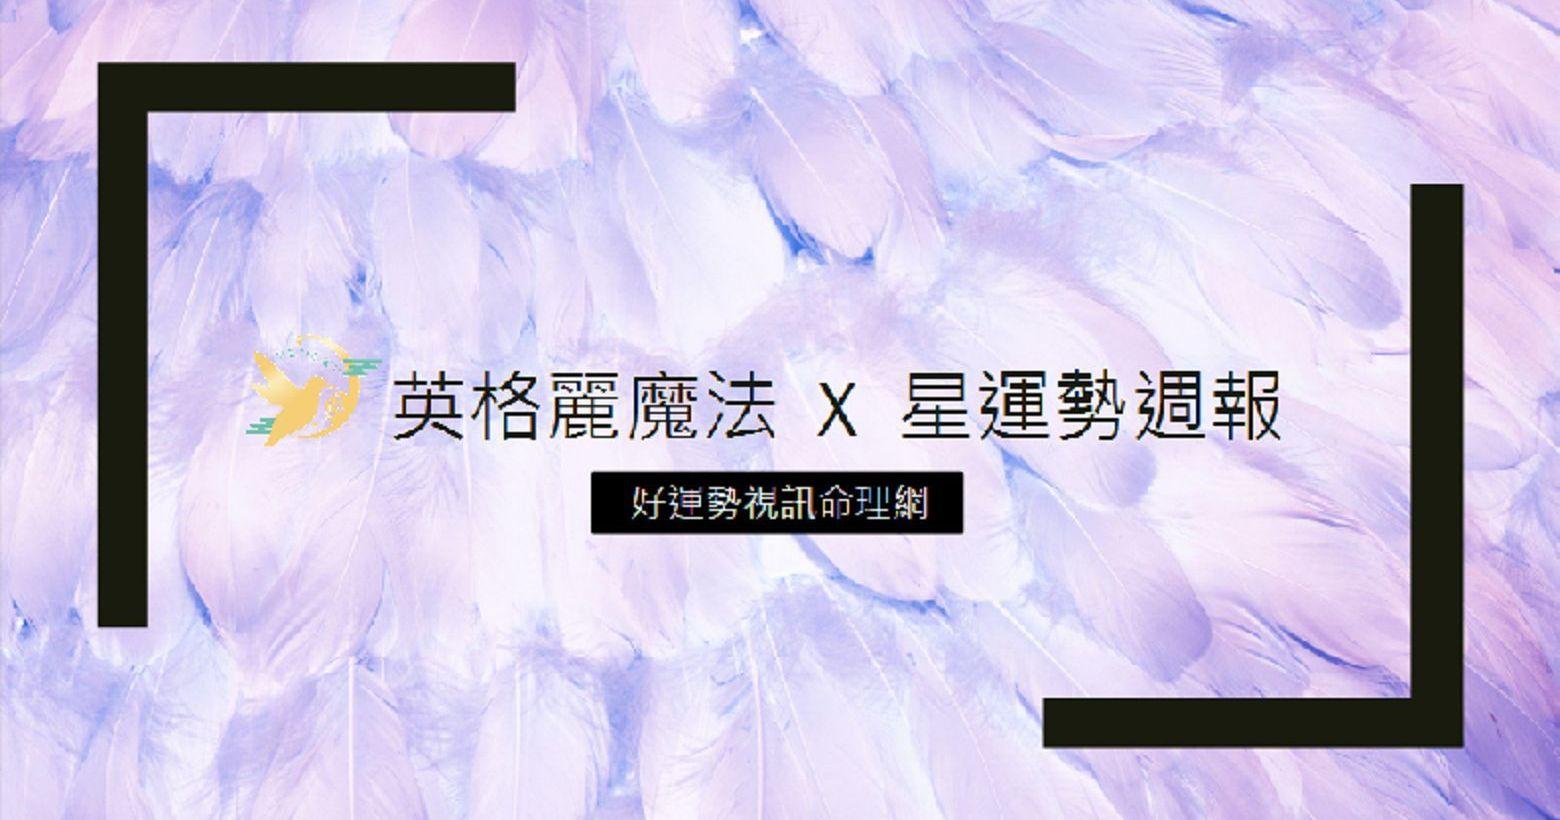 【好運勢X魔法英格麗】星事週報 1.18- 1.24★雙魚座,這週告白成功機率超高的!撰文老師:英格